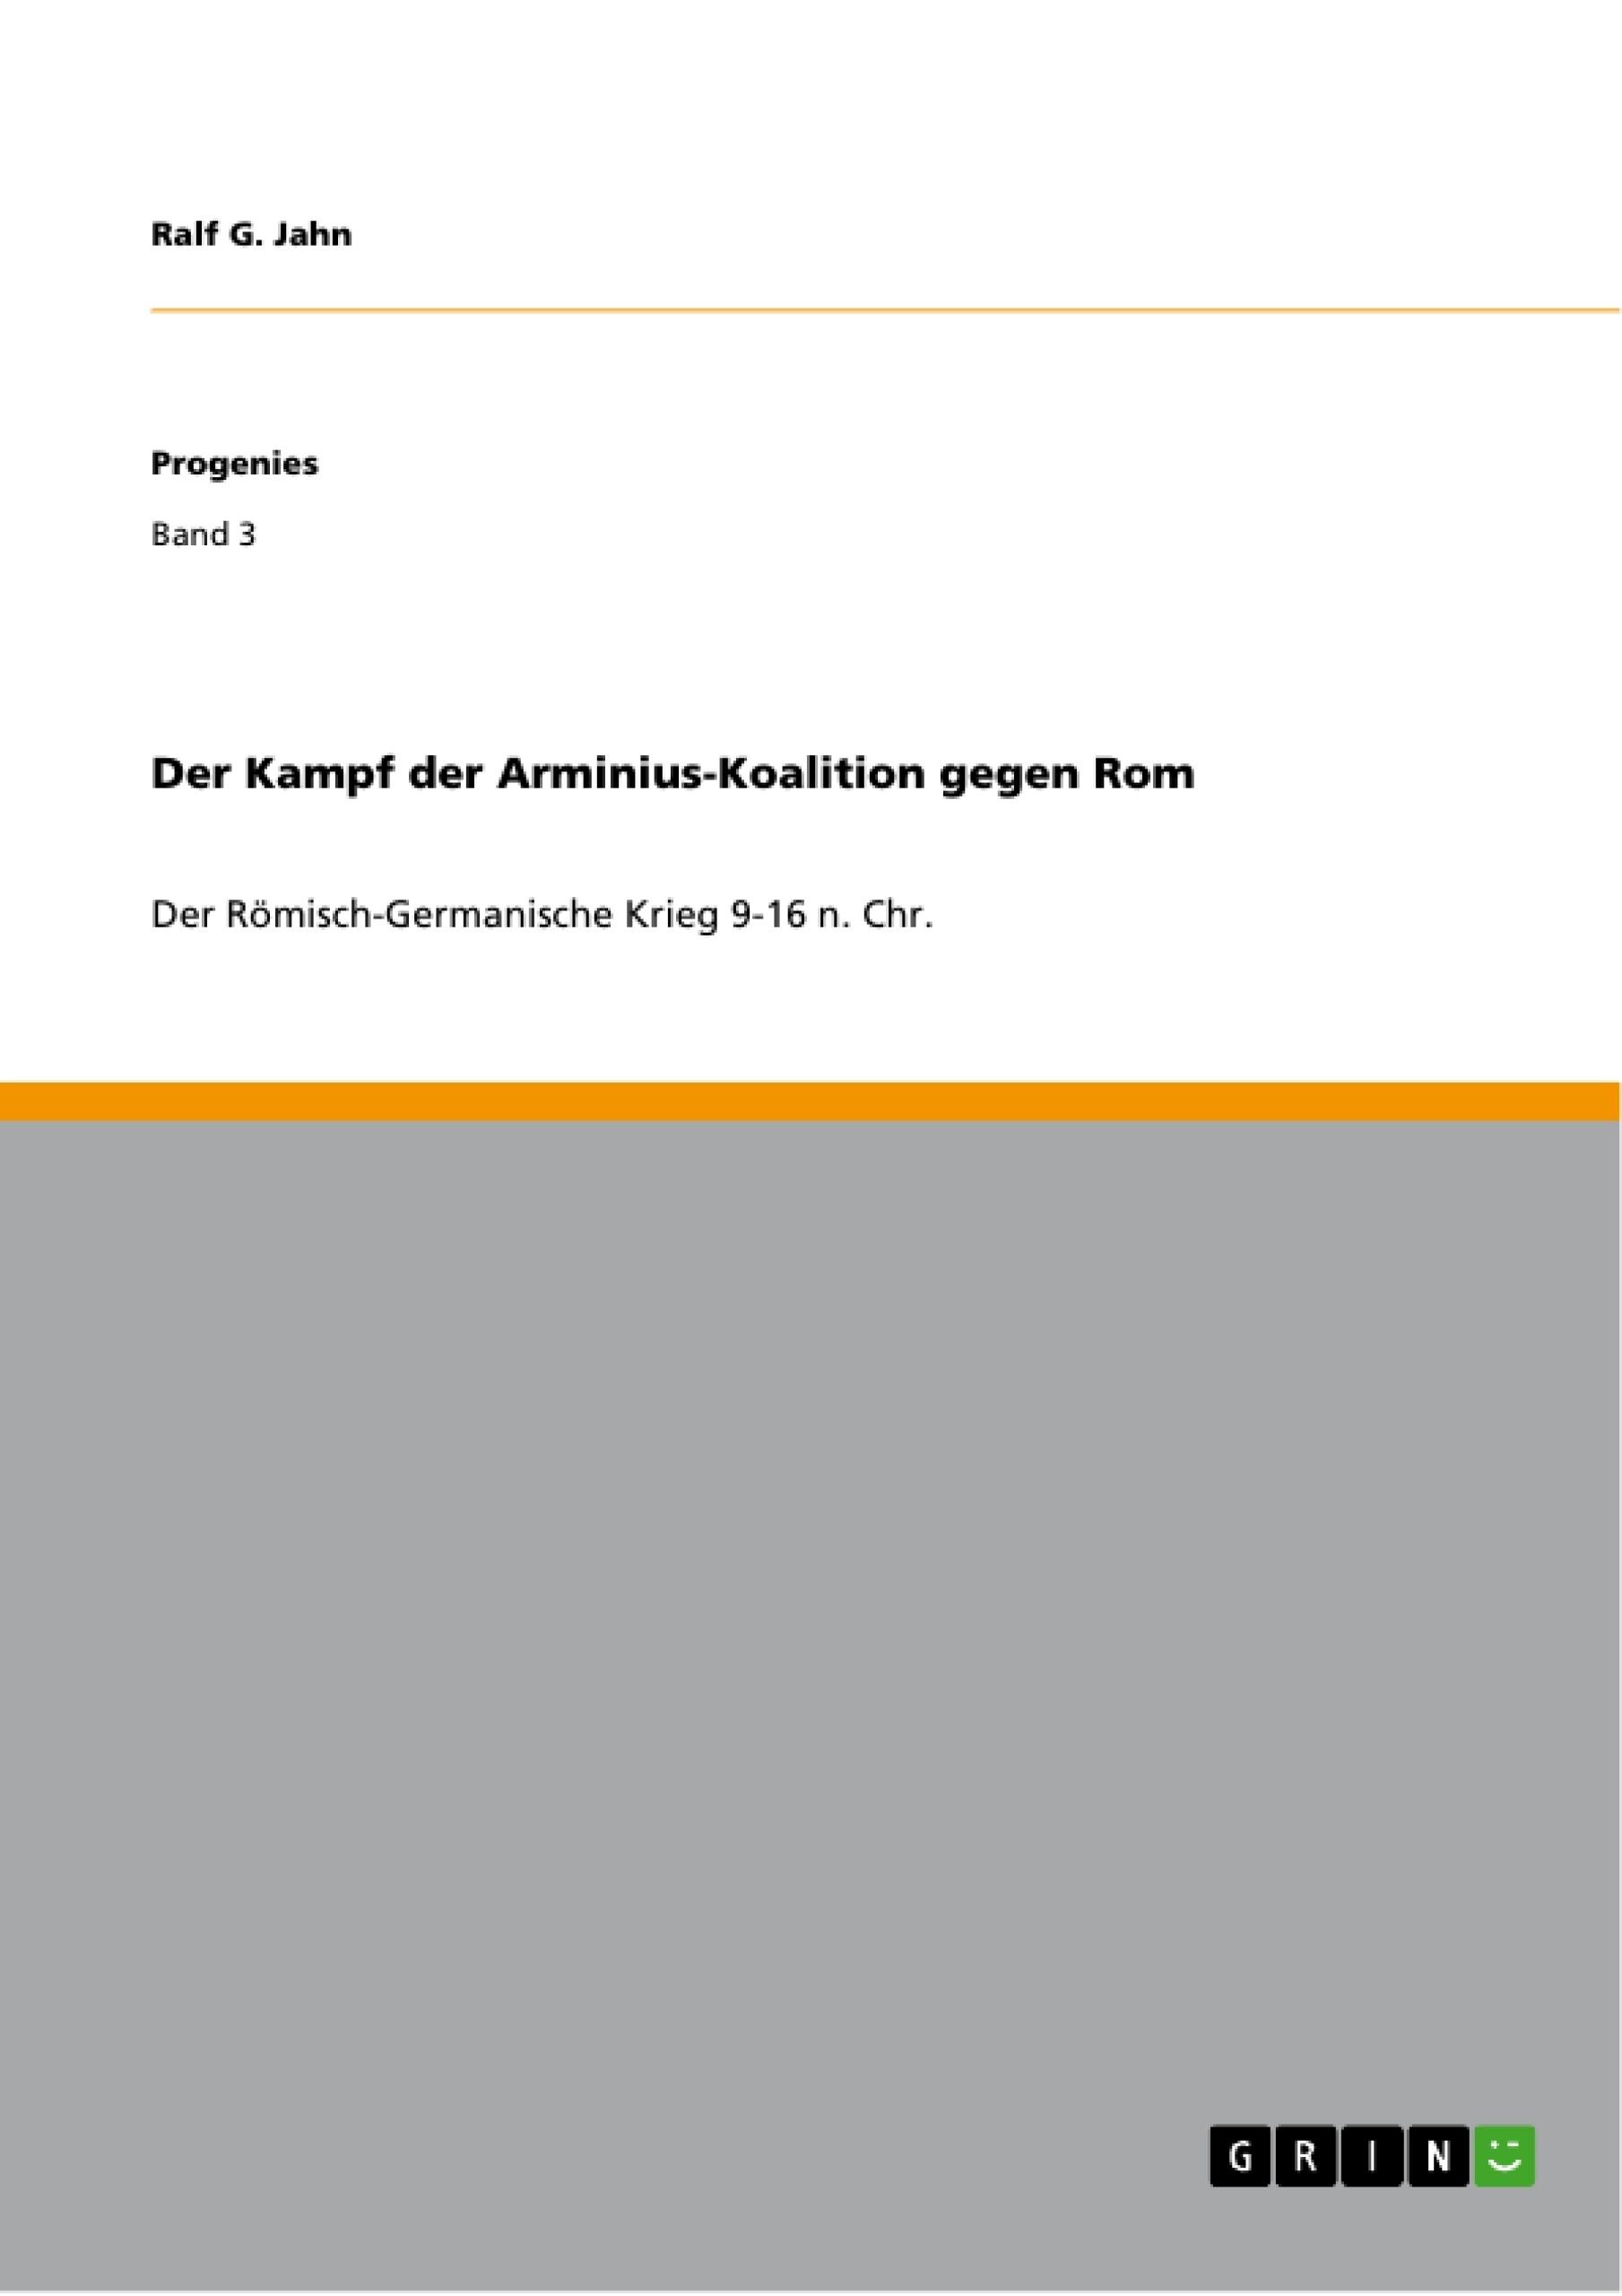 Titel: Der Kampf der Arminius-Koalition gegen Rom